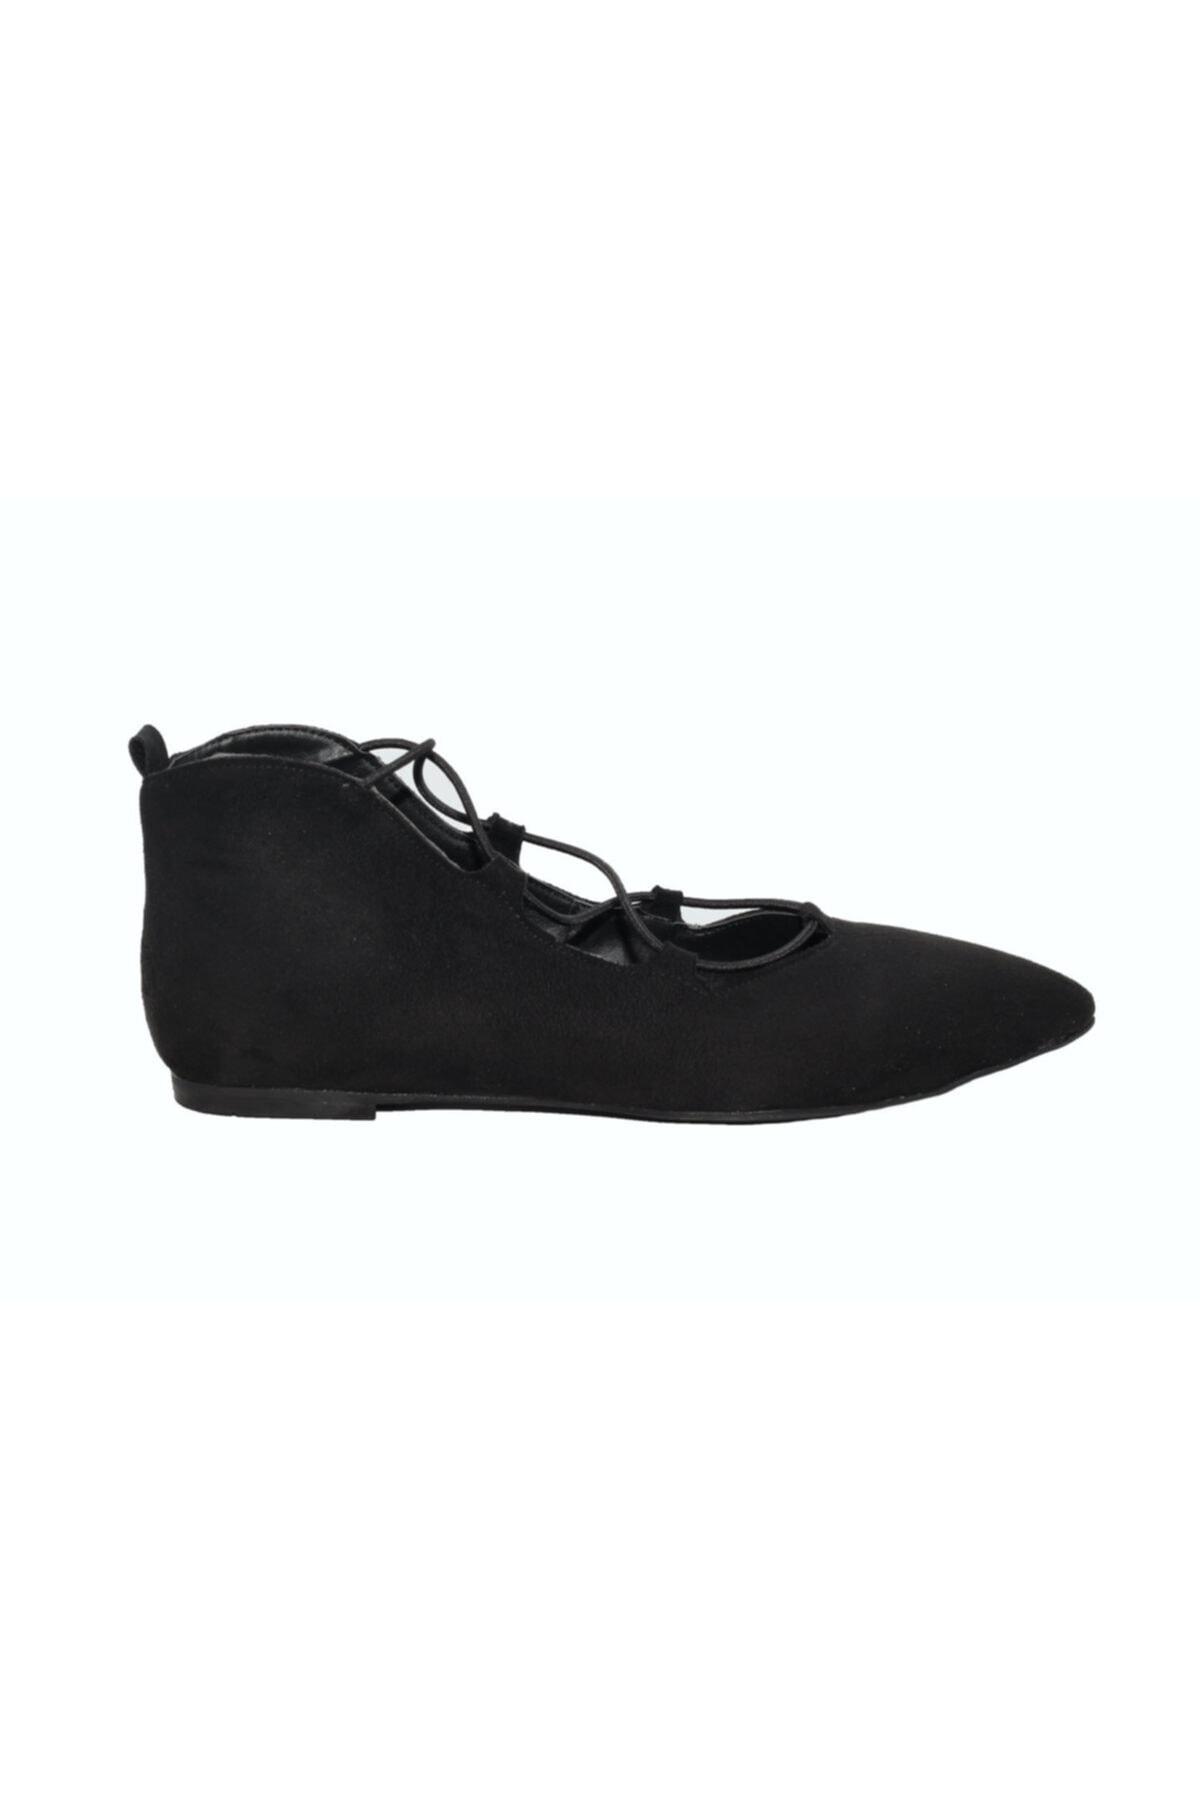 DİVUM Kadın Siyah Süet Ayakkabı 1